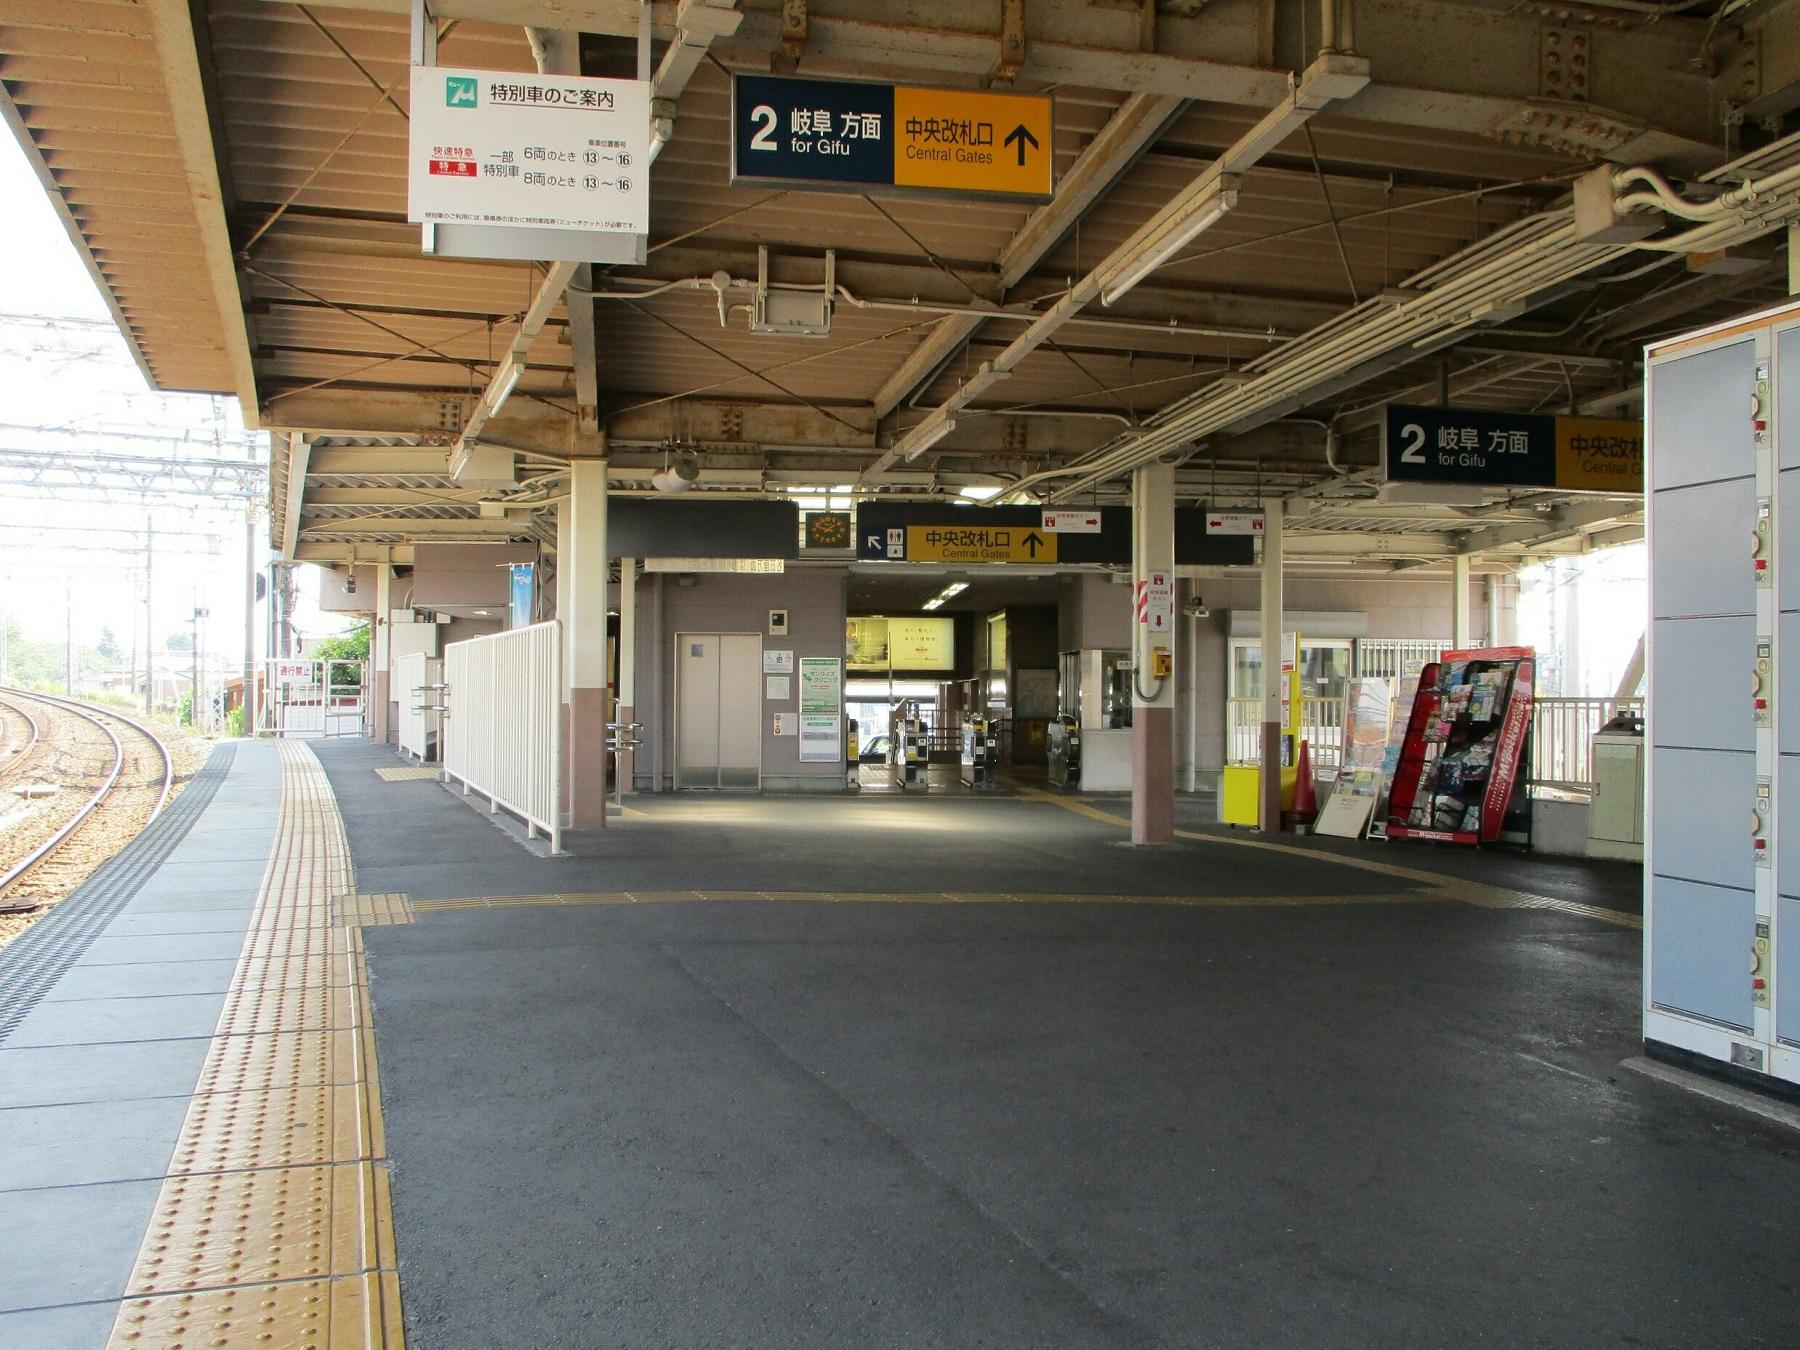 2018.7.18 (134) 笠松 - かいさつ 1800-1350